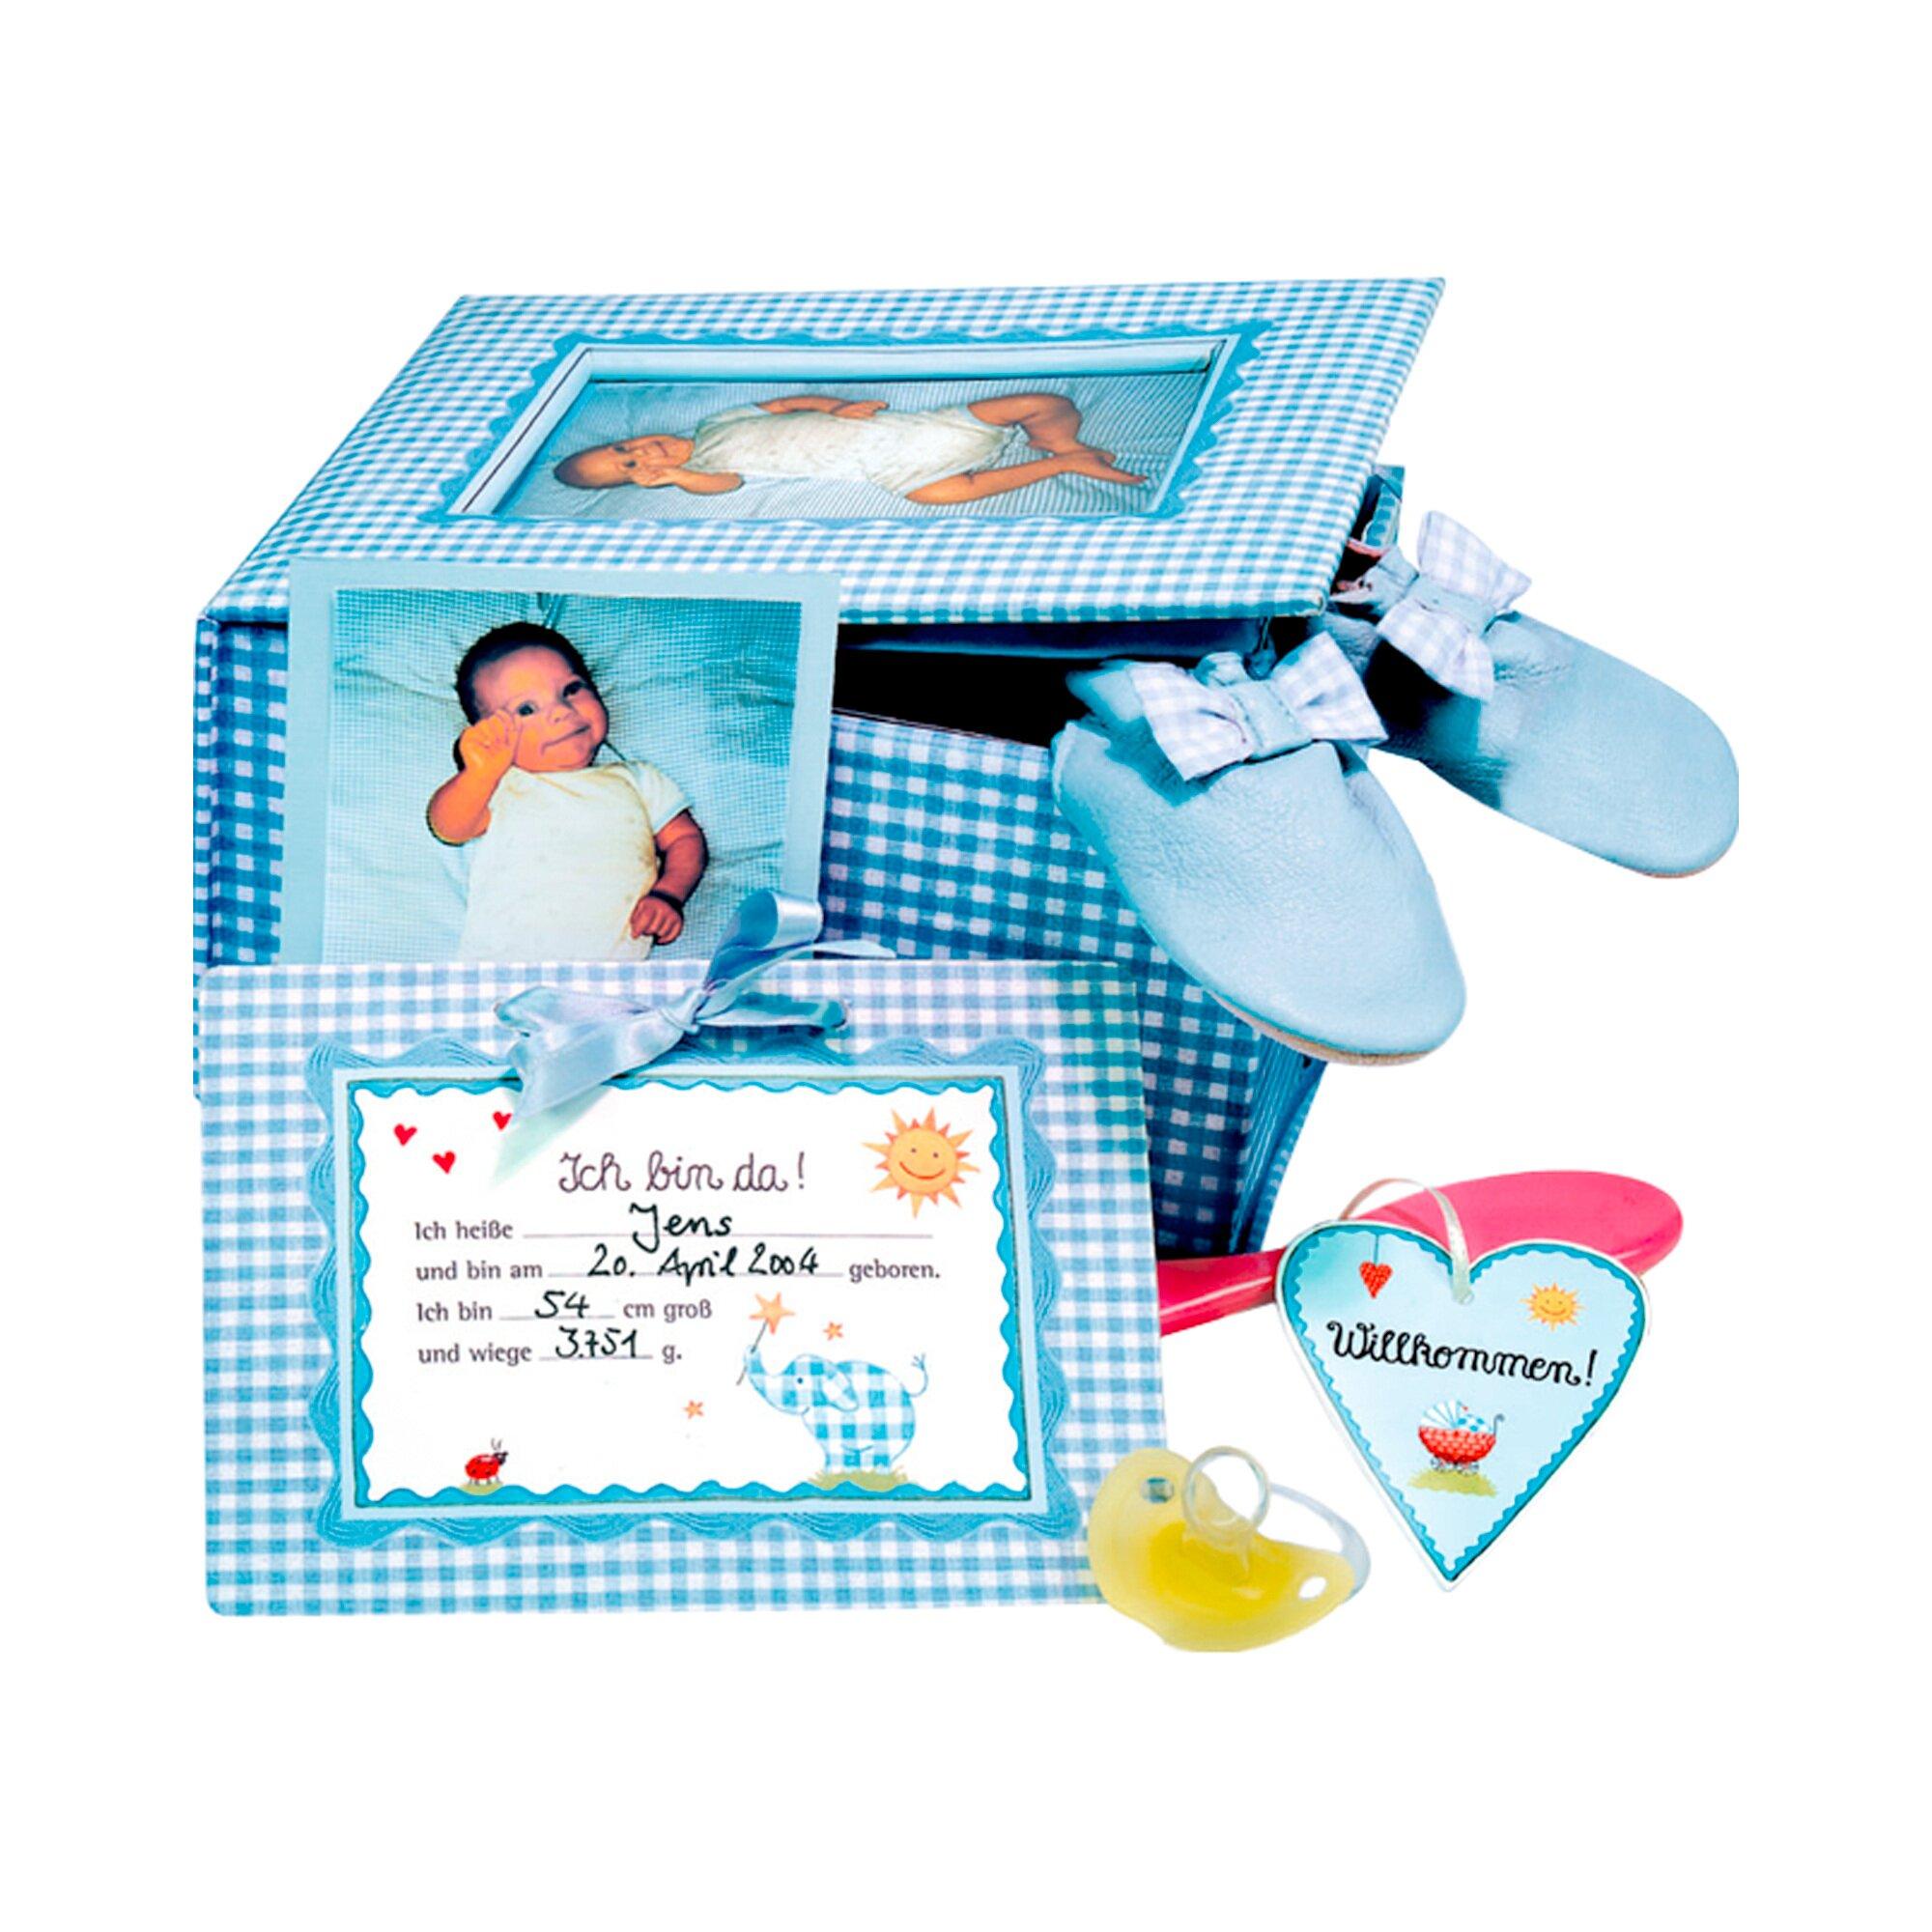 coppenrath-baby-schatzkastchen-willkommen